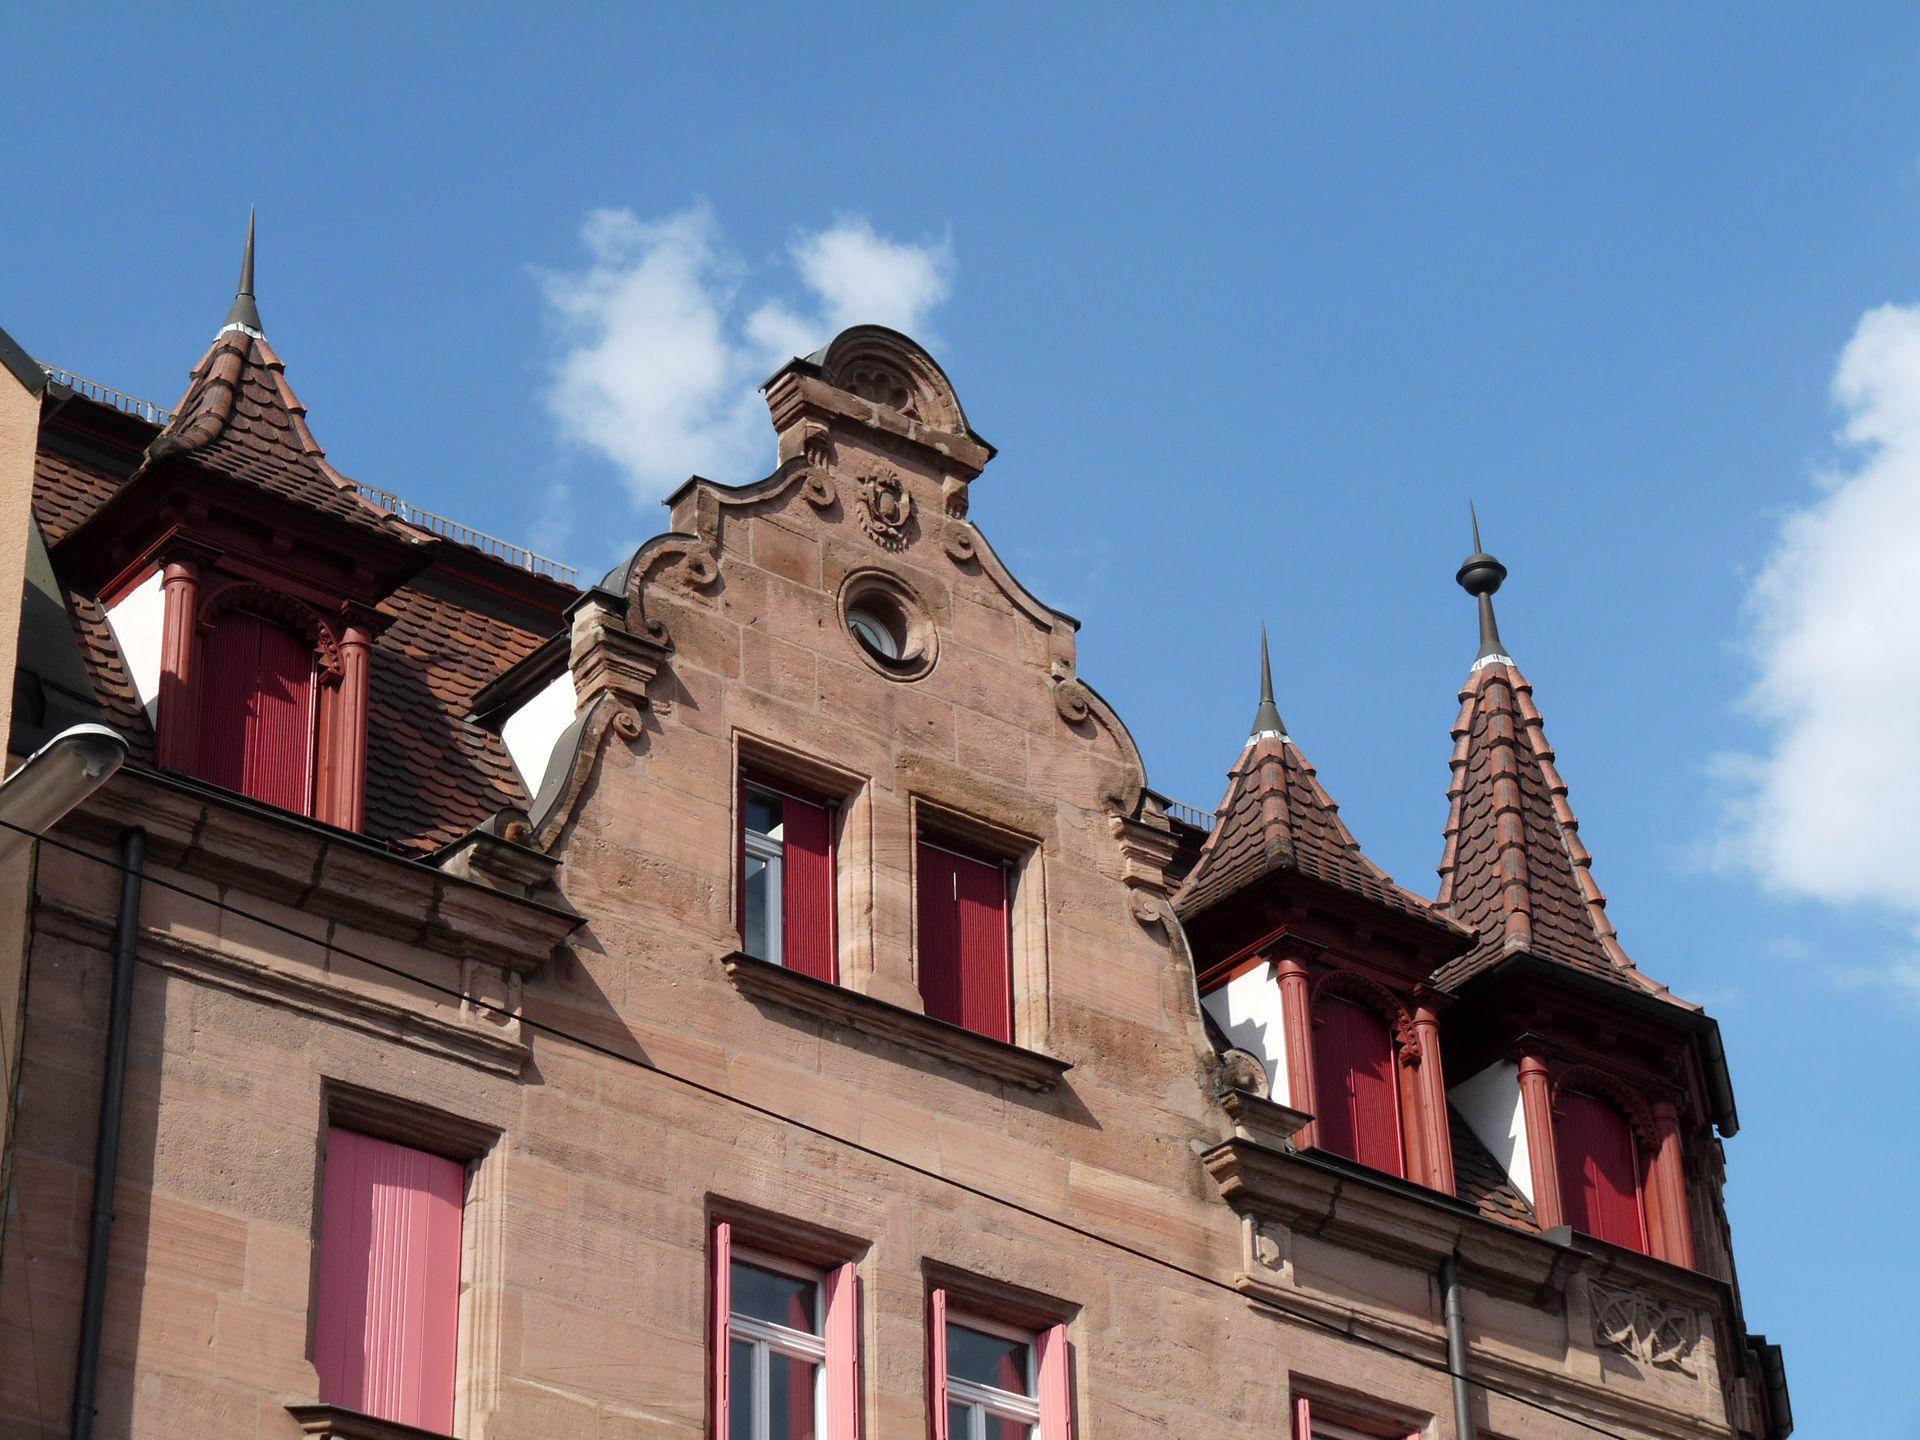 Wohn- und Geschäftshaus, Johannistraße 68 Giebel und Gauben